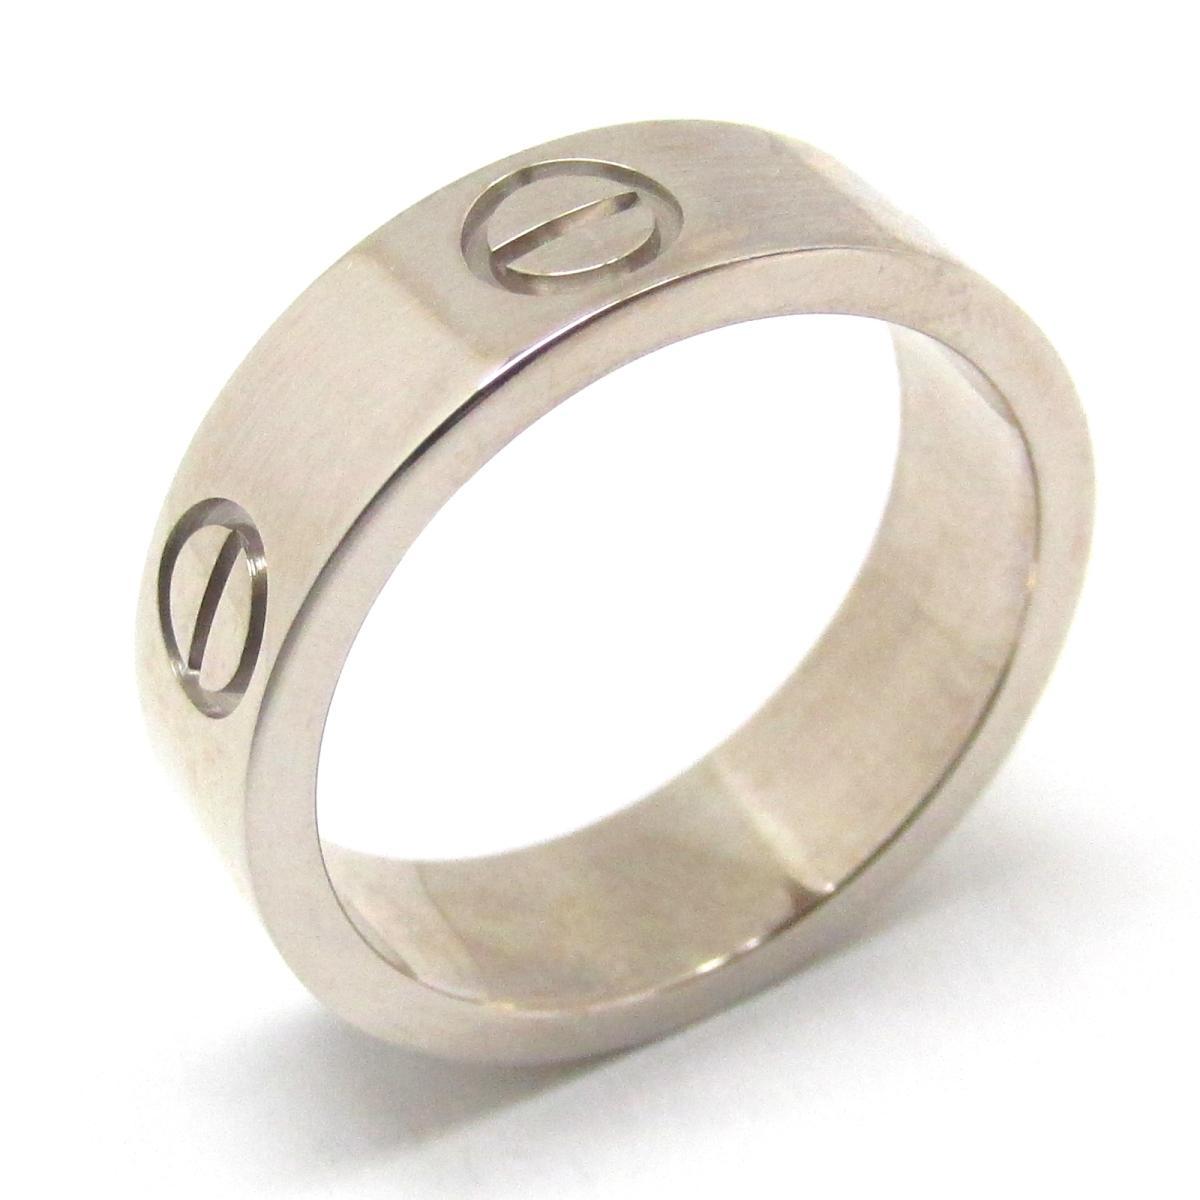 カルティエ ラブリング 指輪 ブランドジュエリー レディース K18WG (750) ホワイトゴールド 【中古】 | Cartier BRANDOFF ブランドオフ ブランド ジュエリー アクセサリー リング